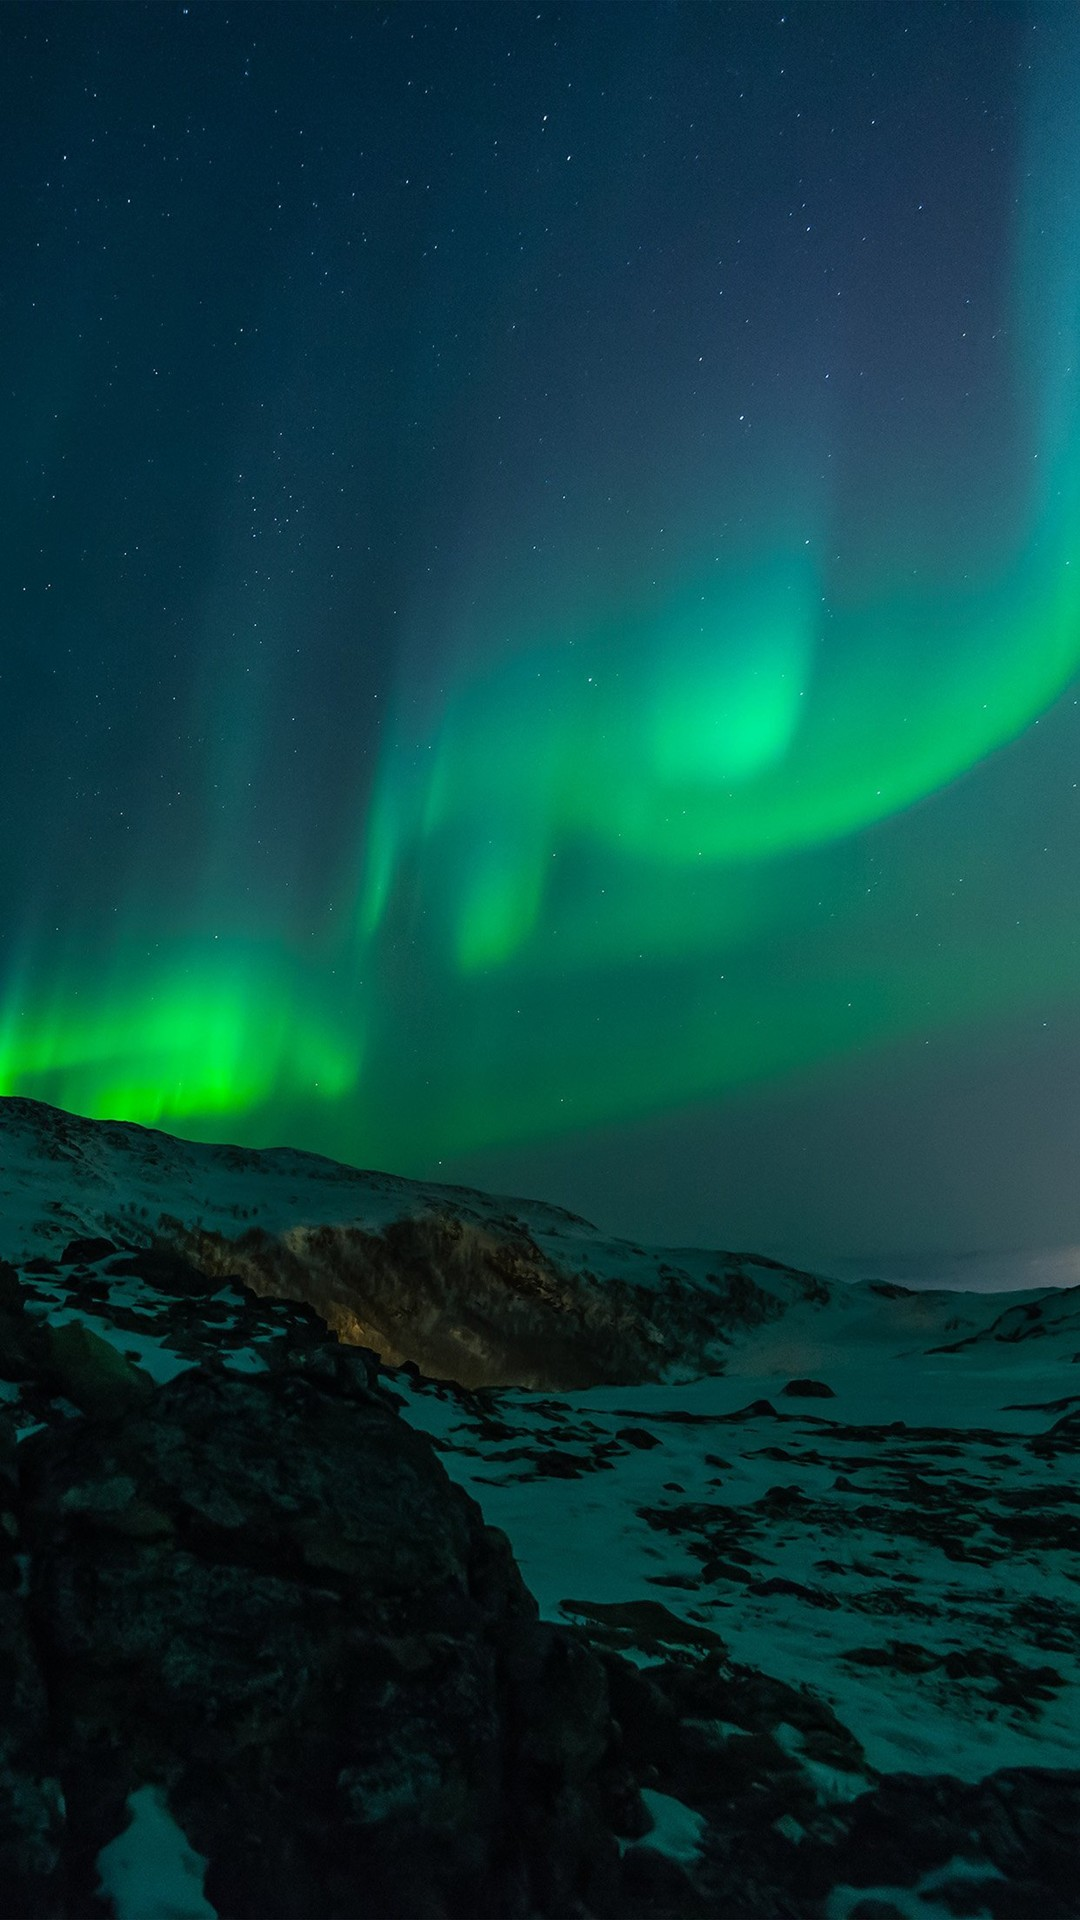 Aurora Nature Night Sky #iPhone #7 #wallpaper